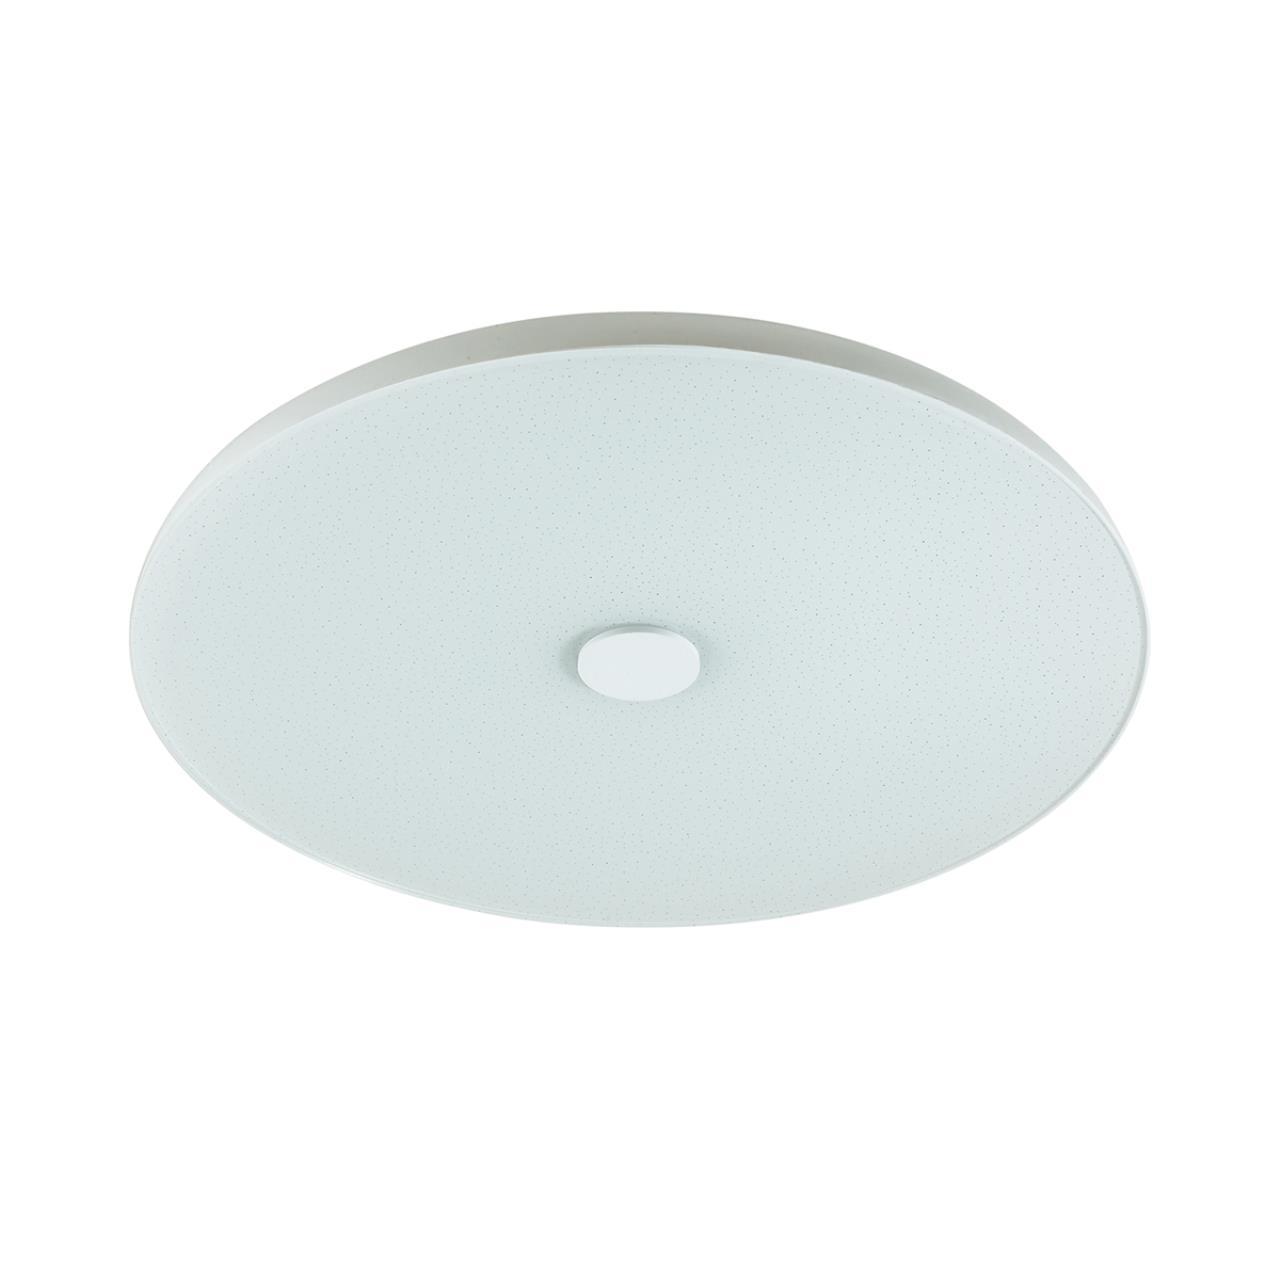 4629/EL VASTA LED SN 032 св-к ROKI muzcolor пластик LED 72Вт 3000-6500К D600 IP20 пульт ДУ/динамики